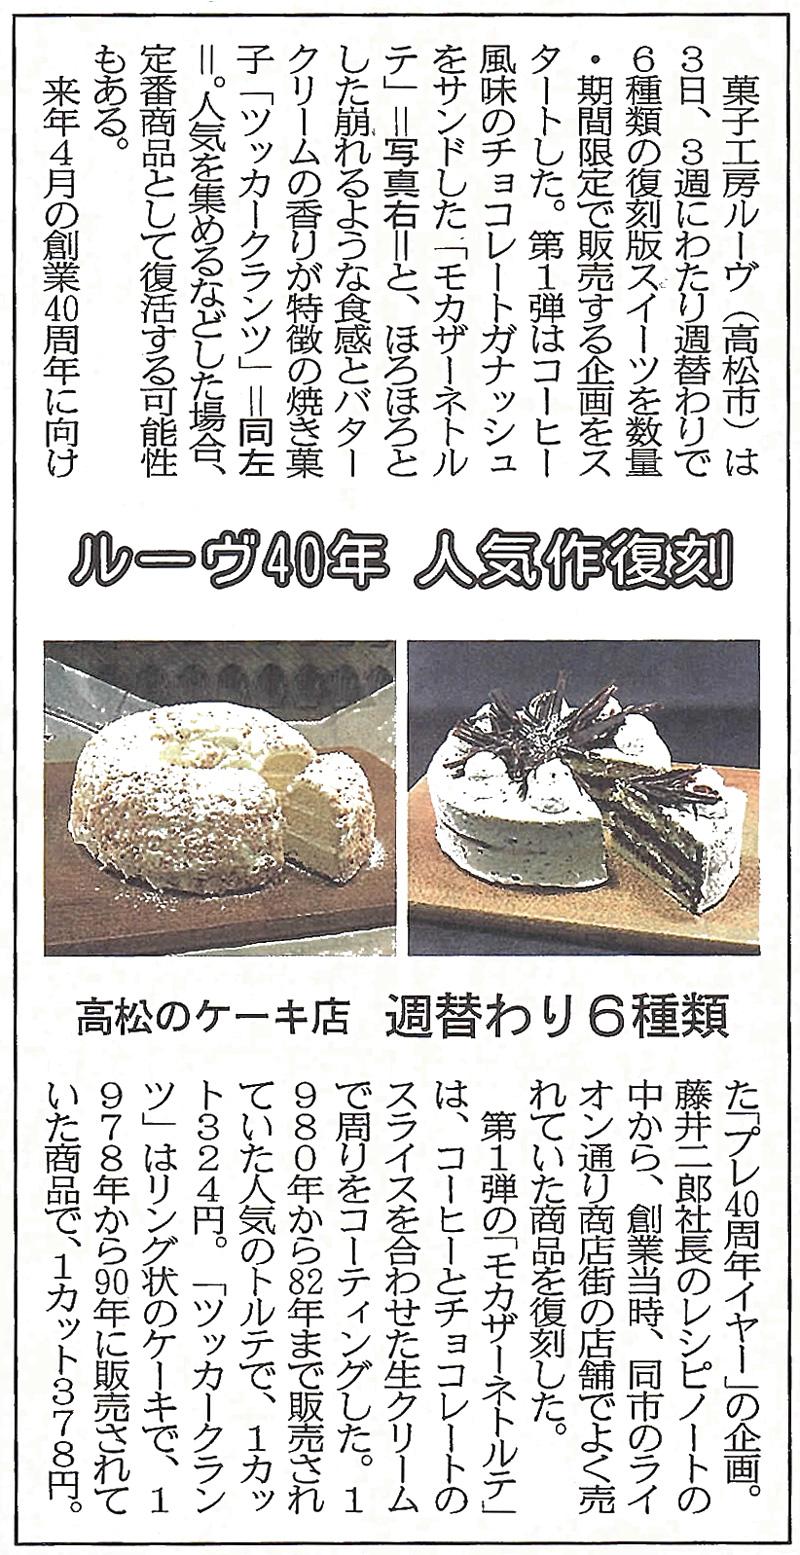 四国新聞・日経新聞他